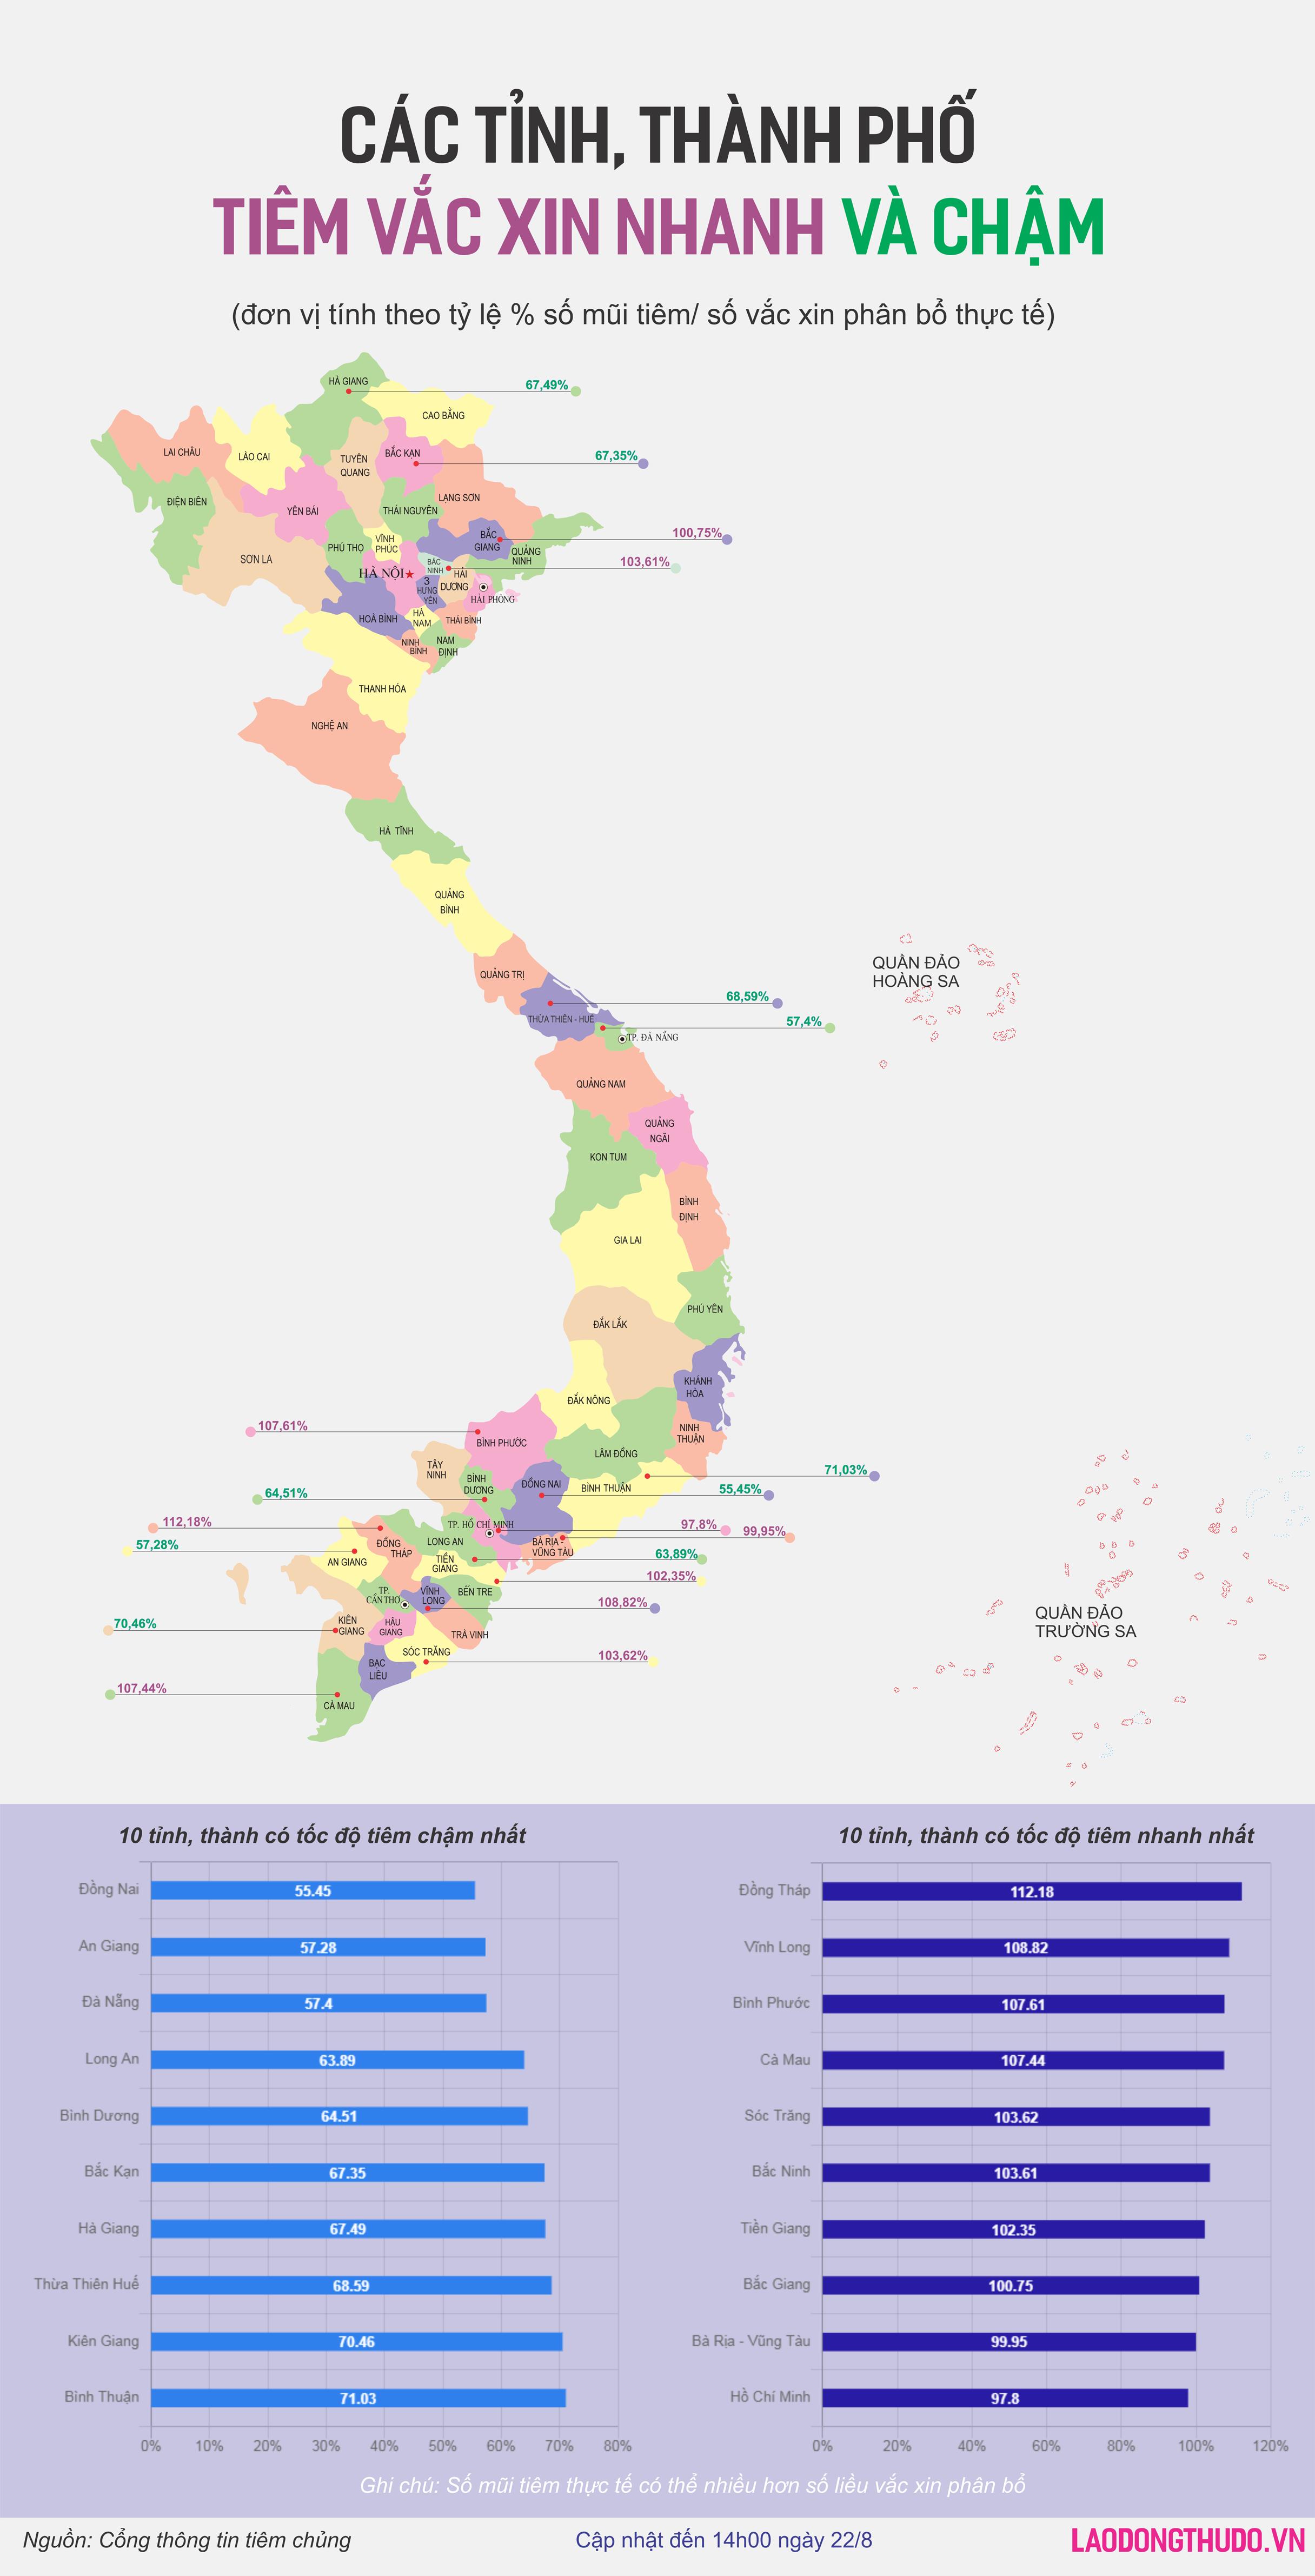 Tiến độ tiêm chủng tại 10 tỉnh, thành nhanh nhất và chậm nhất